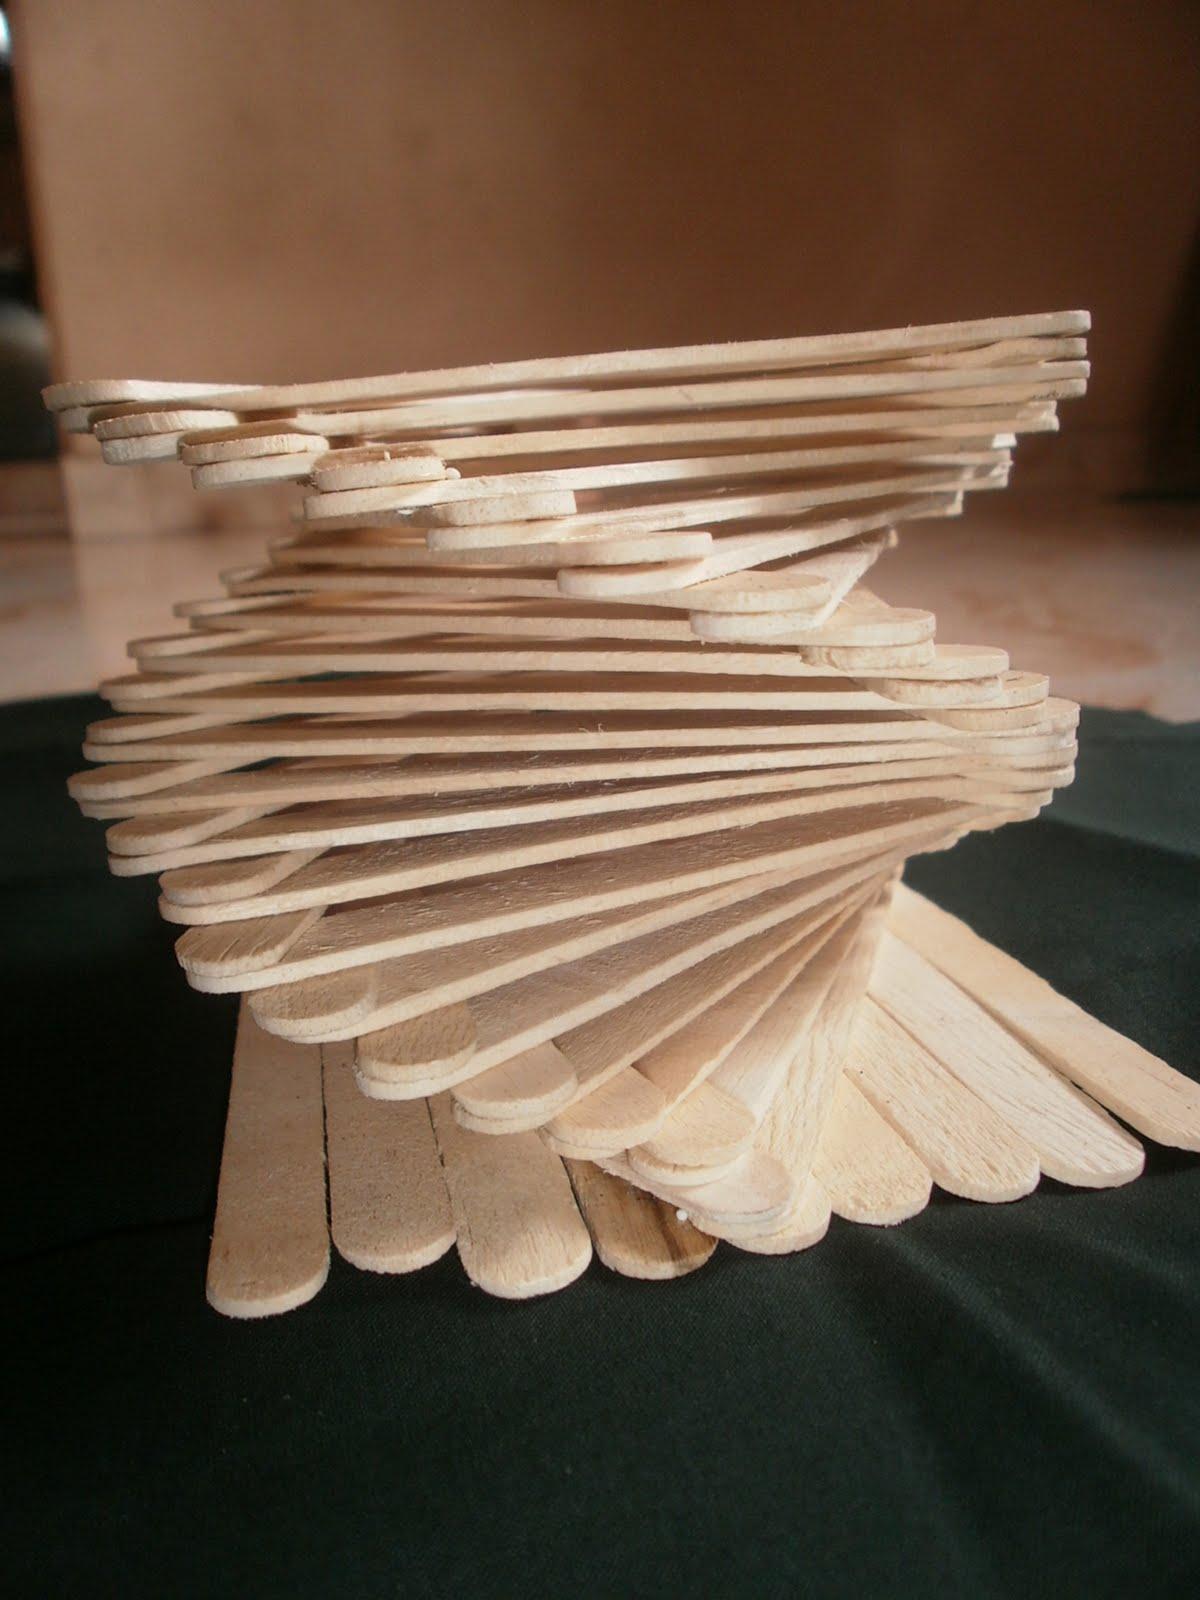 Maha Arts Amp Crafts Procedure For Spiral Flower Vase Using